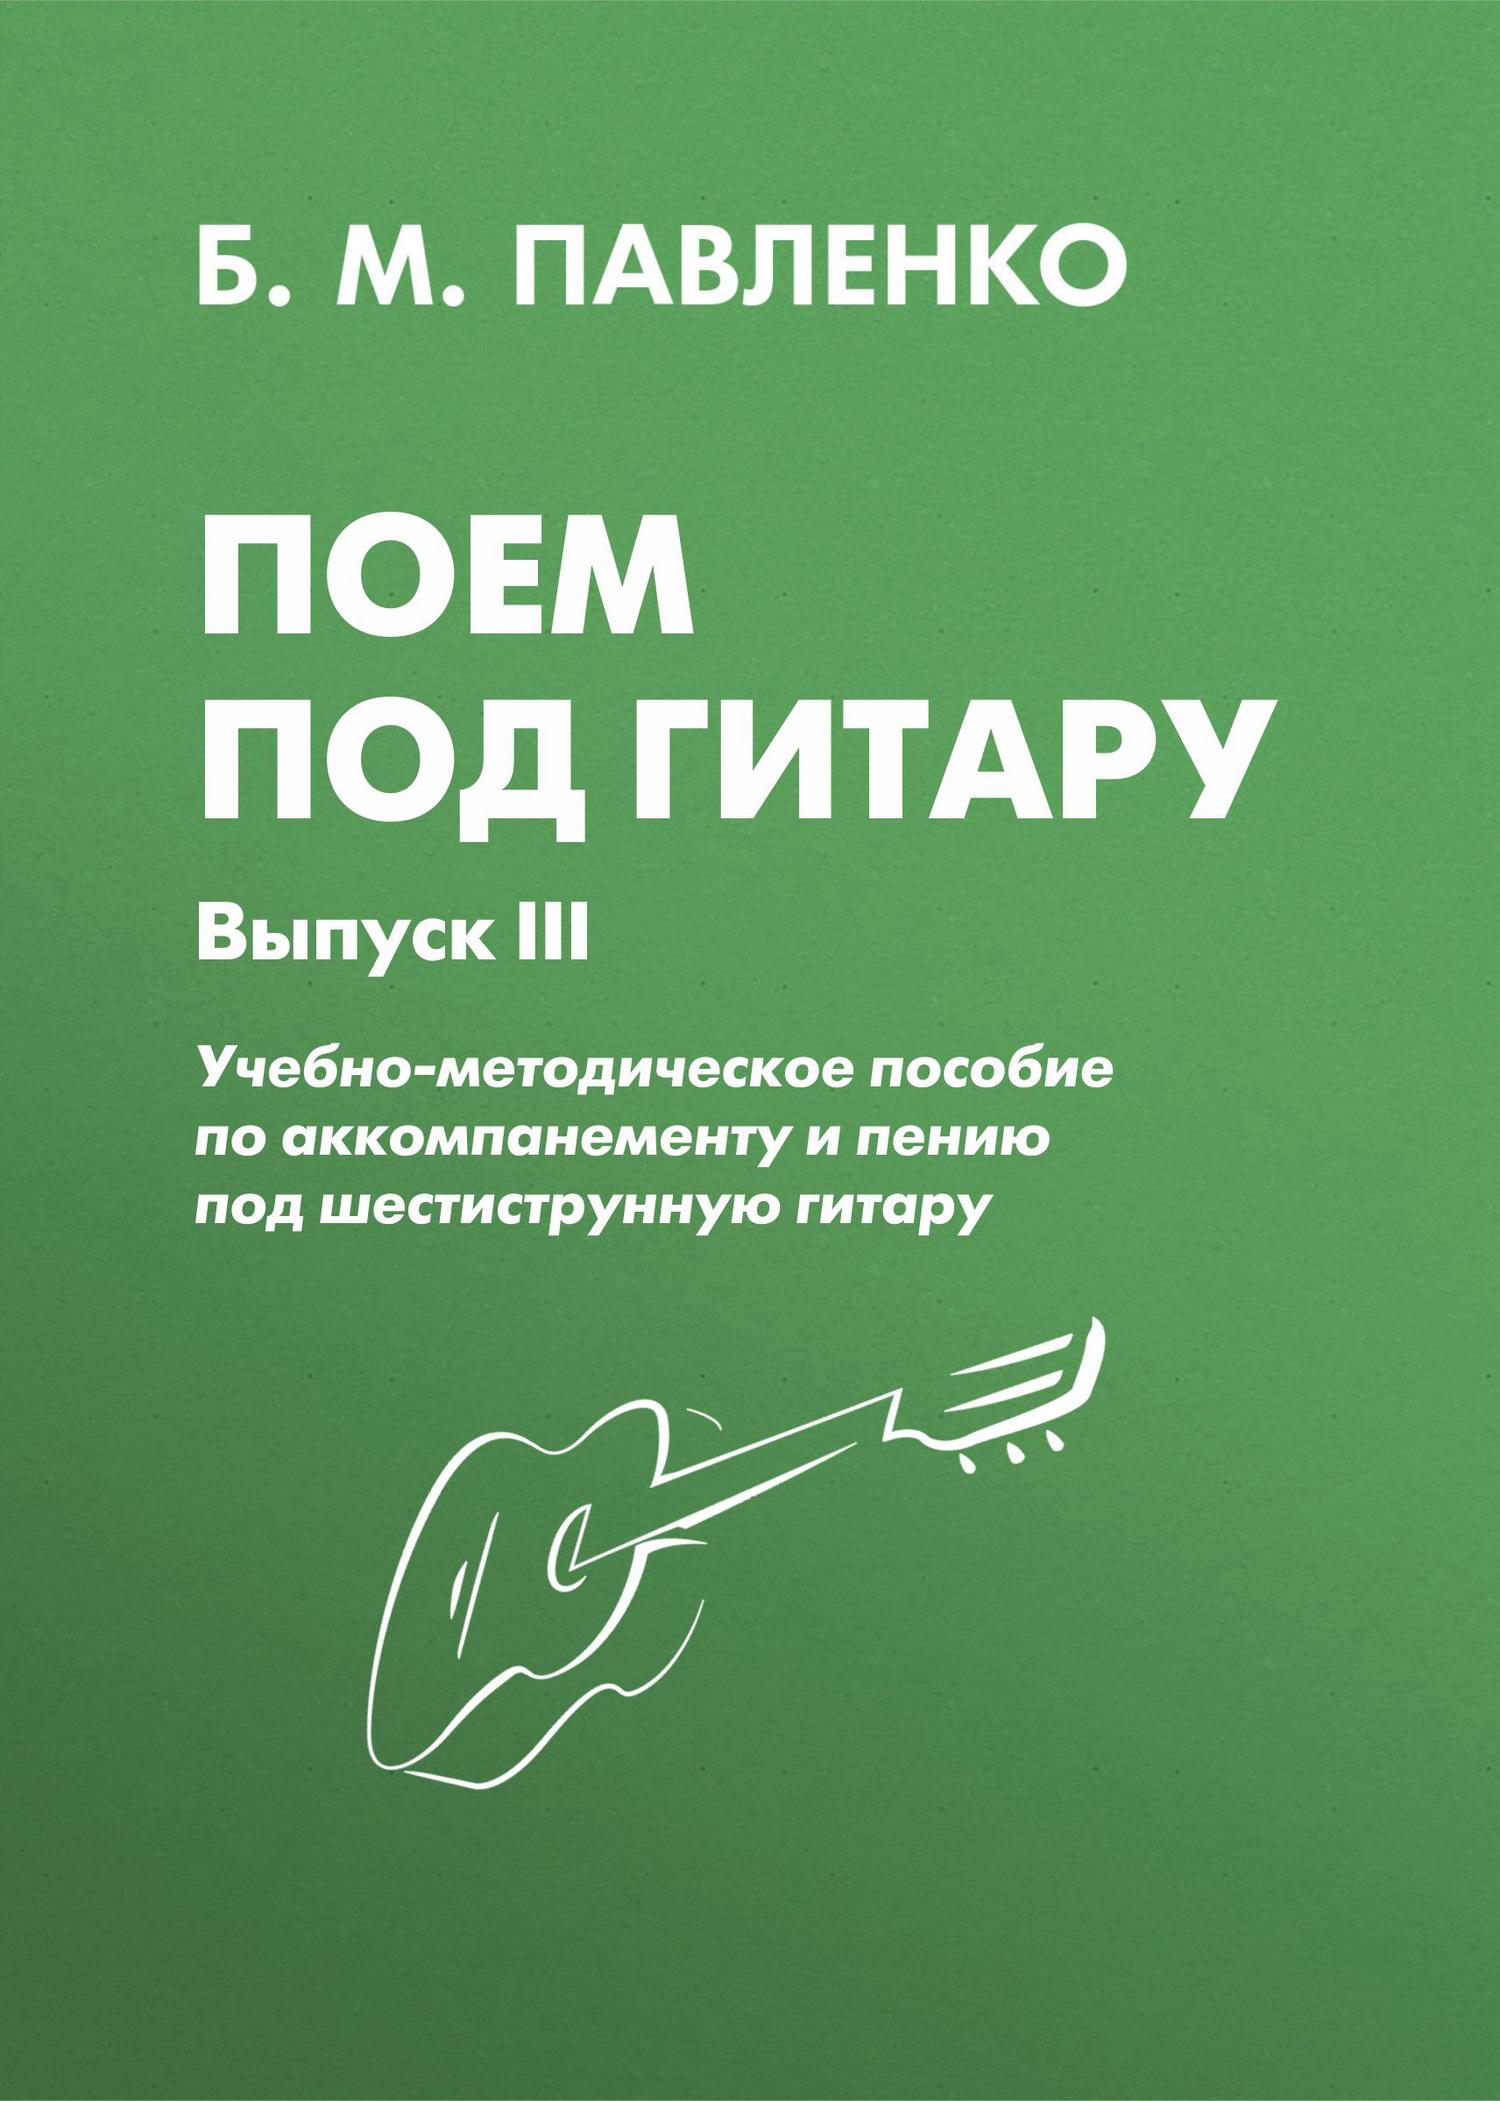 Б. М. Павленко Поем под гитару. Учебно-методическое пособие по аккомпанементу и пению под шестиструнную гитару. Выпуск III б м павленко хиты под гитару выпуск 1